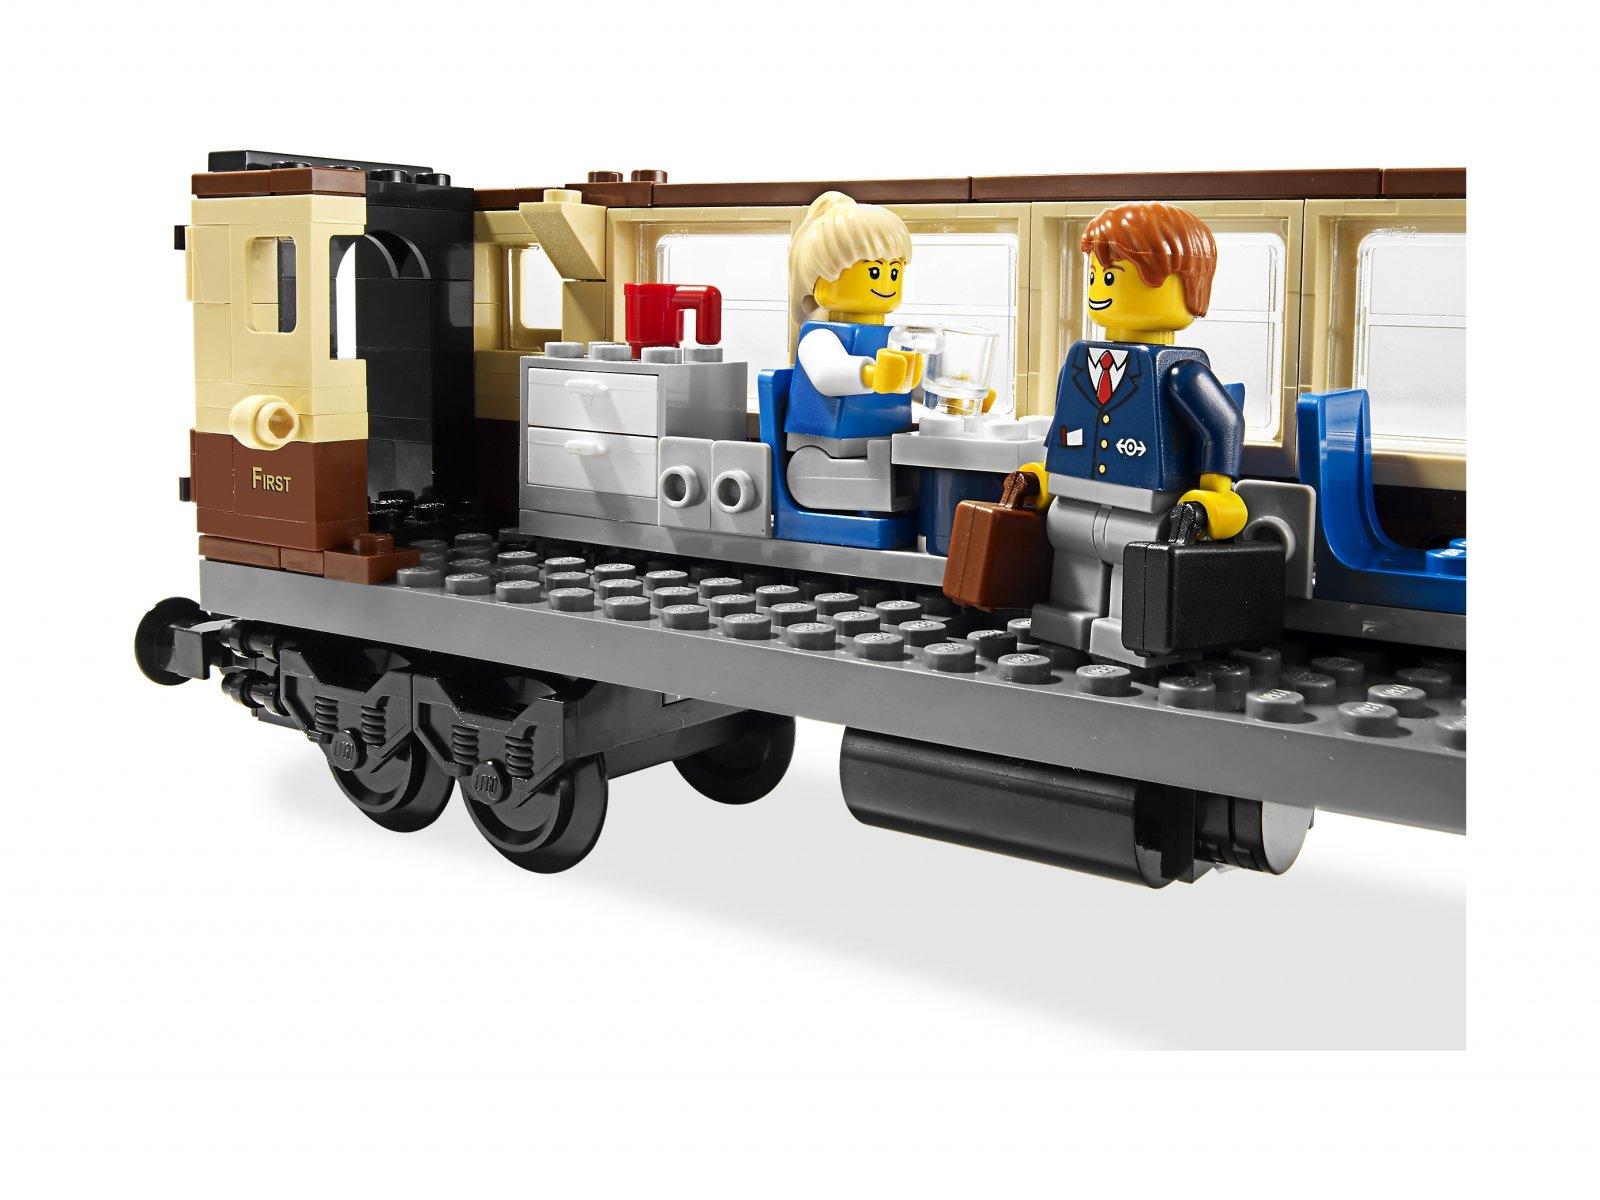 LEGO 10194 Emerald Night